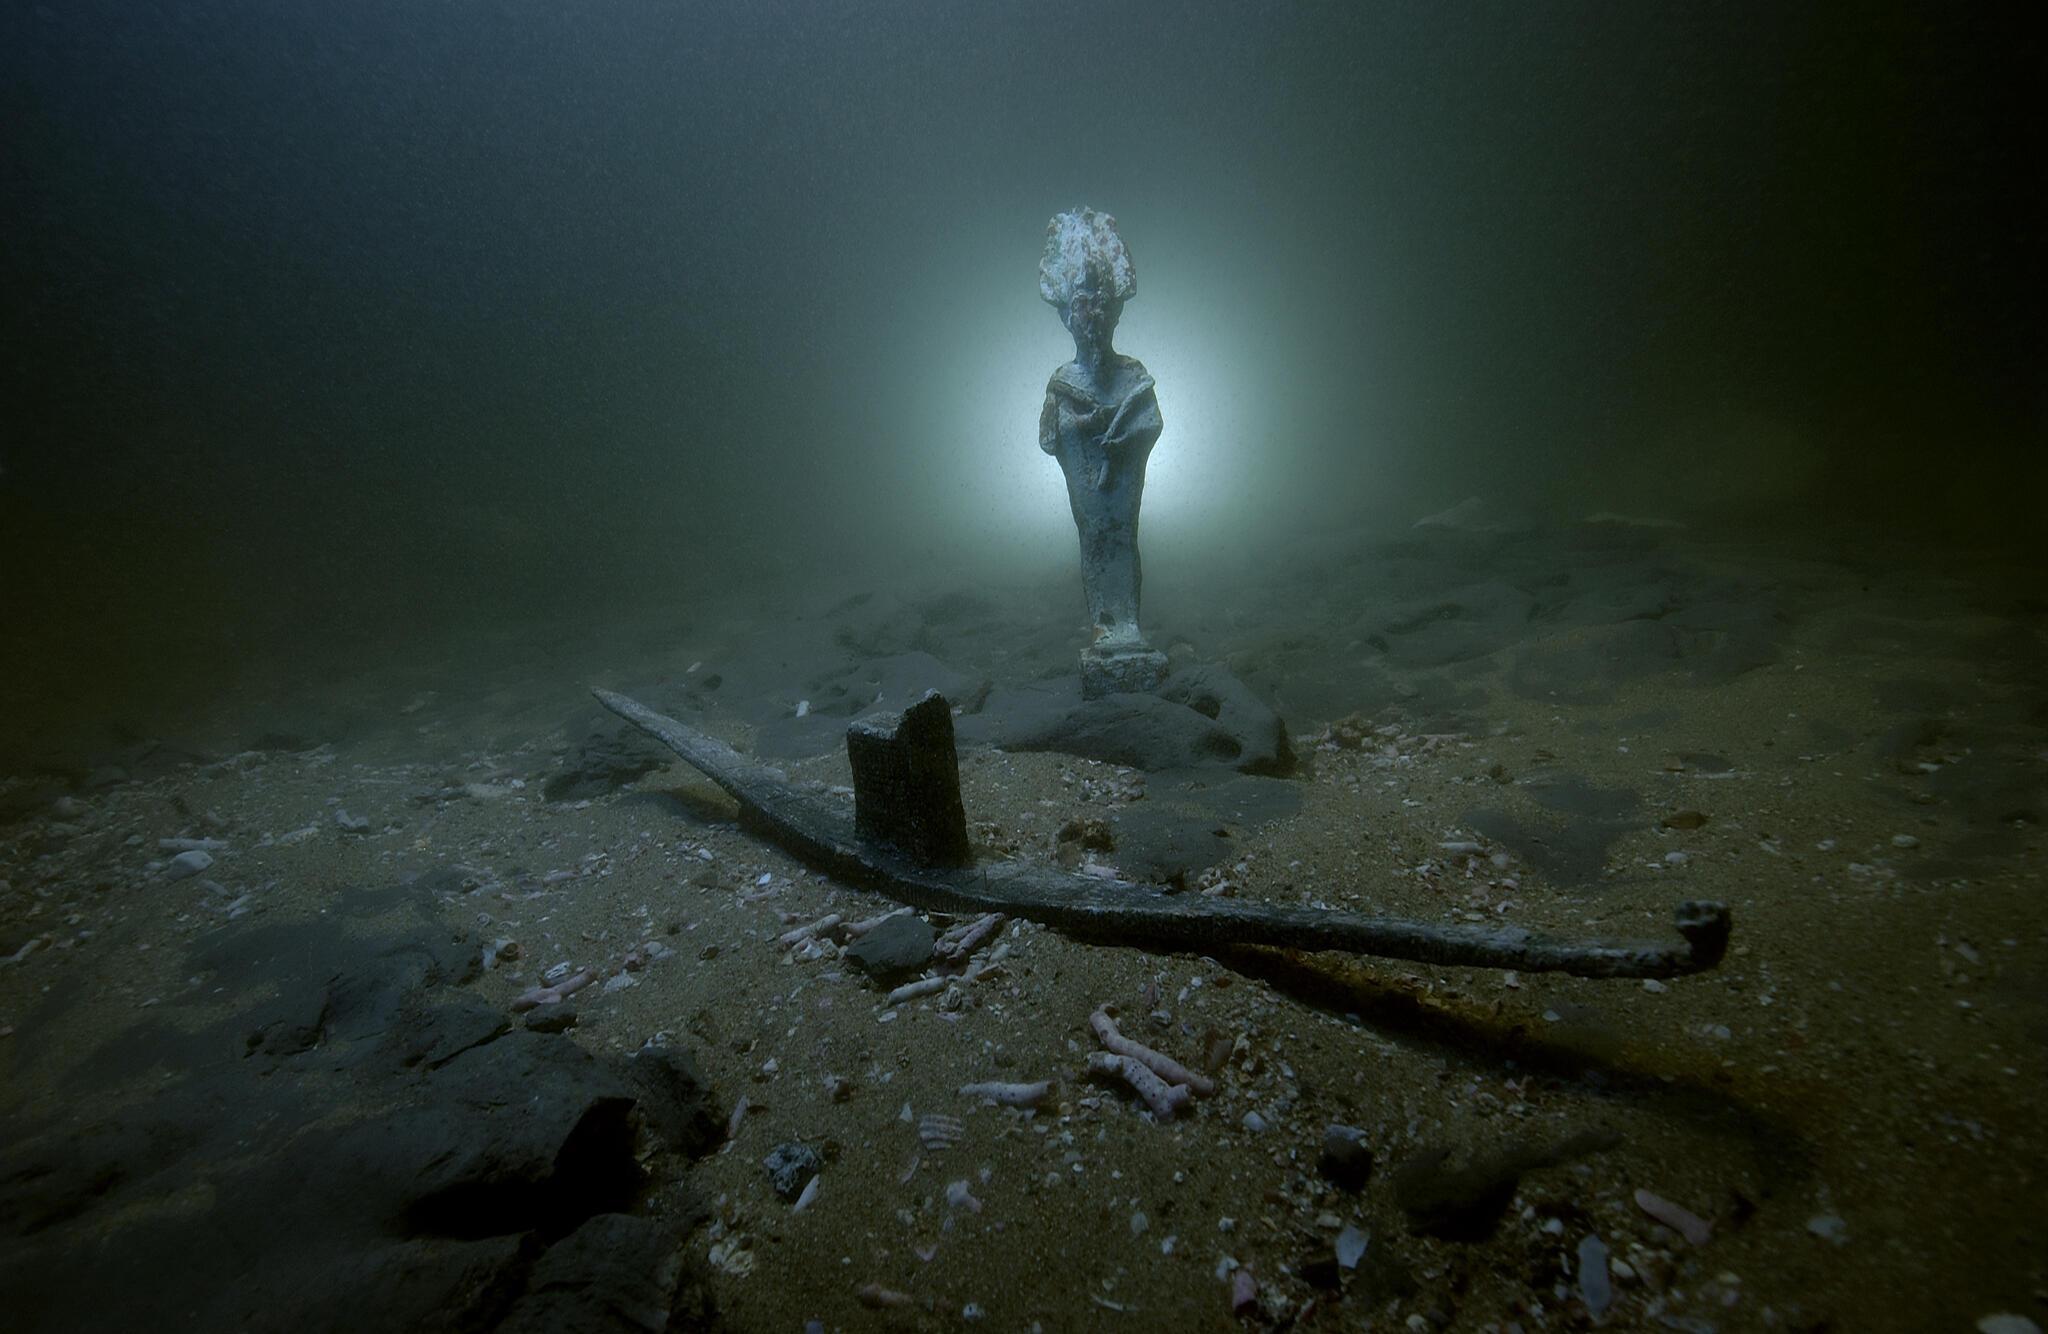 Statuette d'Osiris en bronze et barque votive en plomb posées sur les fonds sous-marin de la baie d'Aboukir. Thonis-Héracléion, Égypte, VIe - IIe s. av. J.-C.